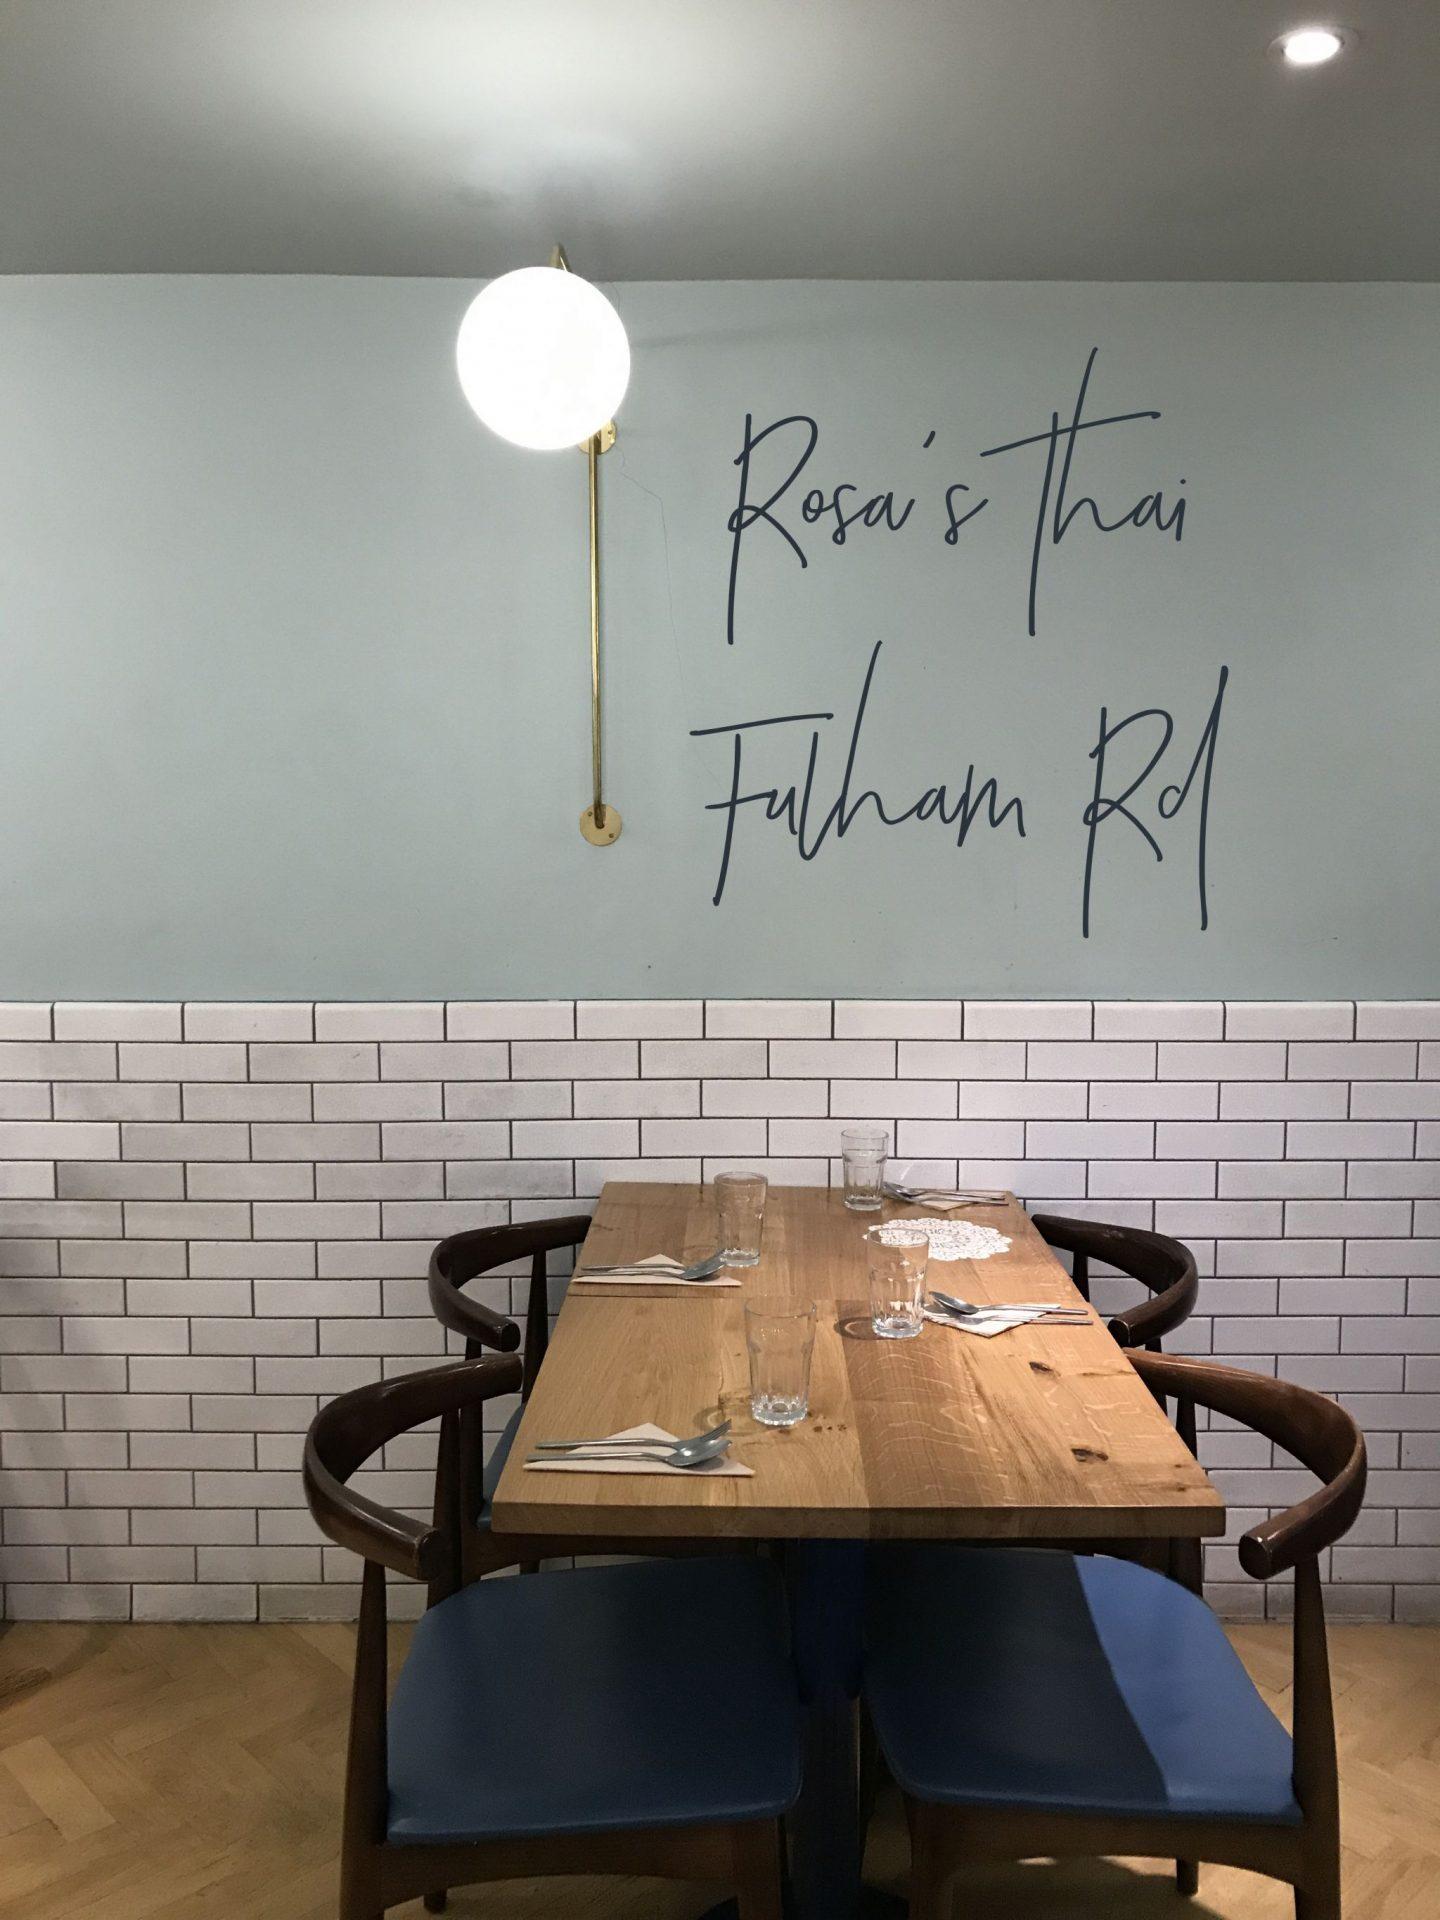 Rosa's Thai Fulham Rd